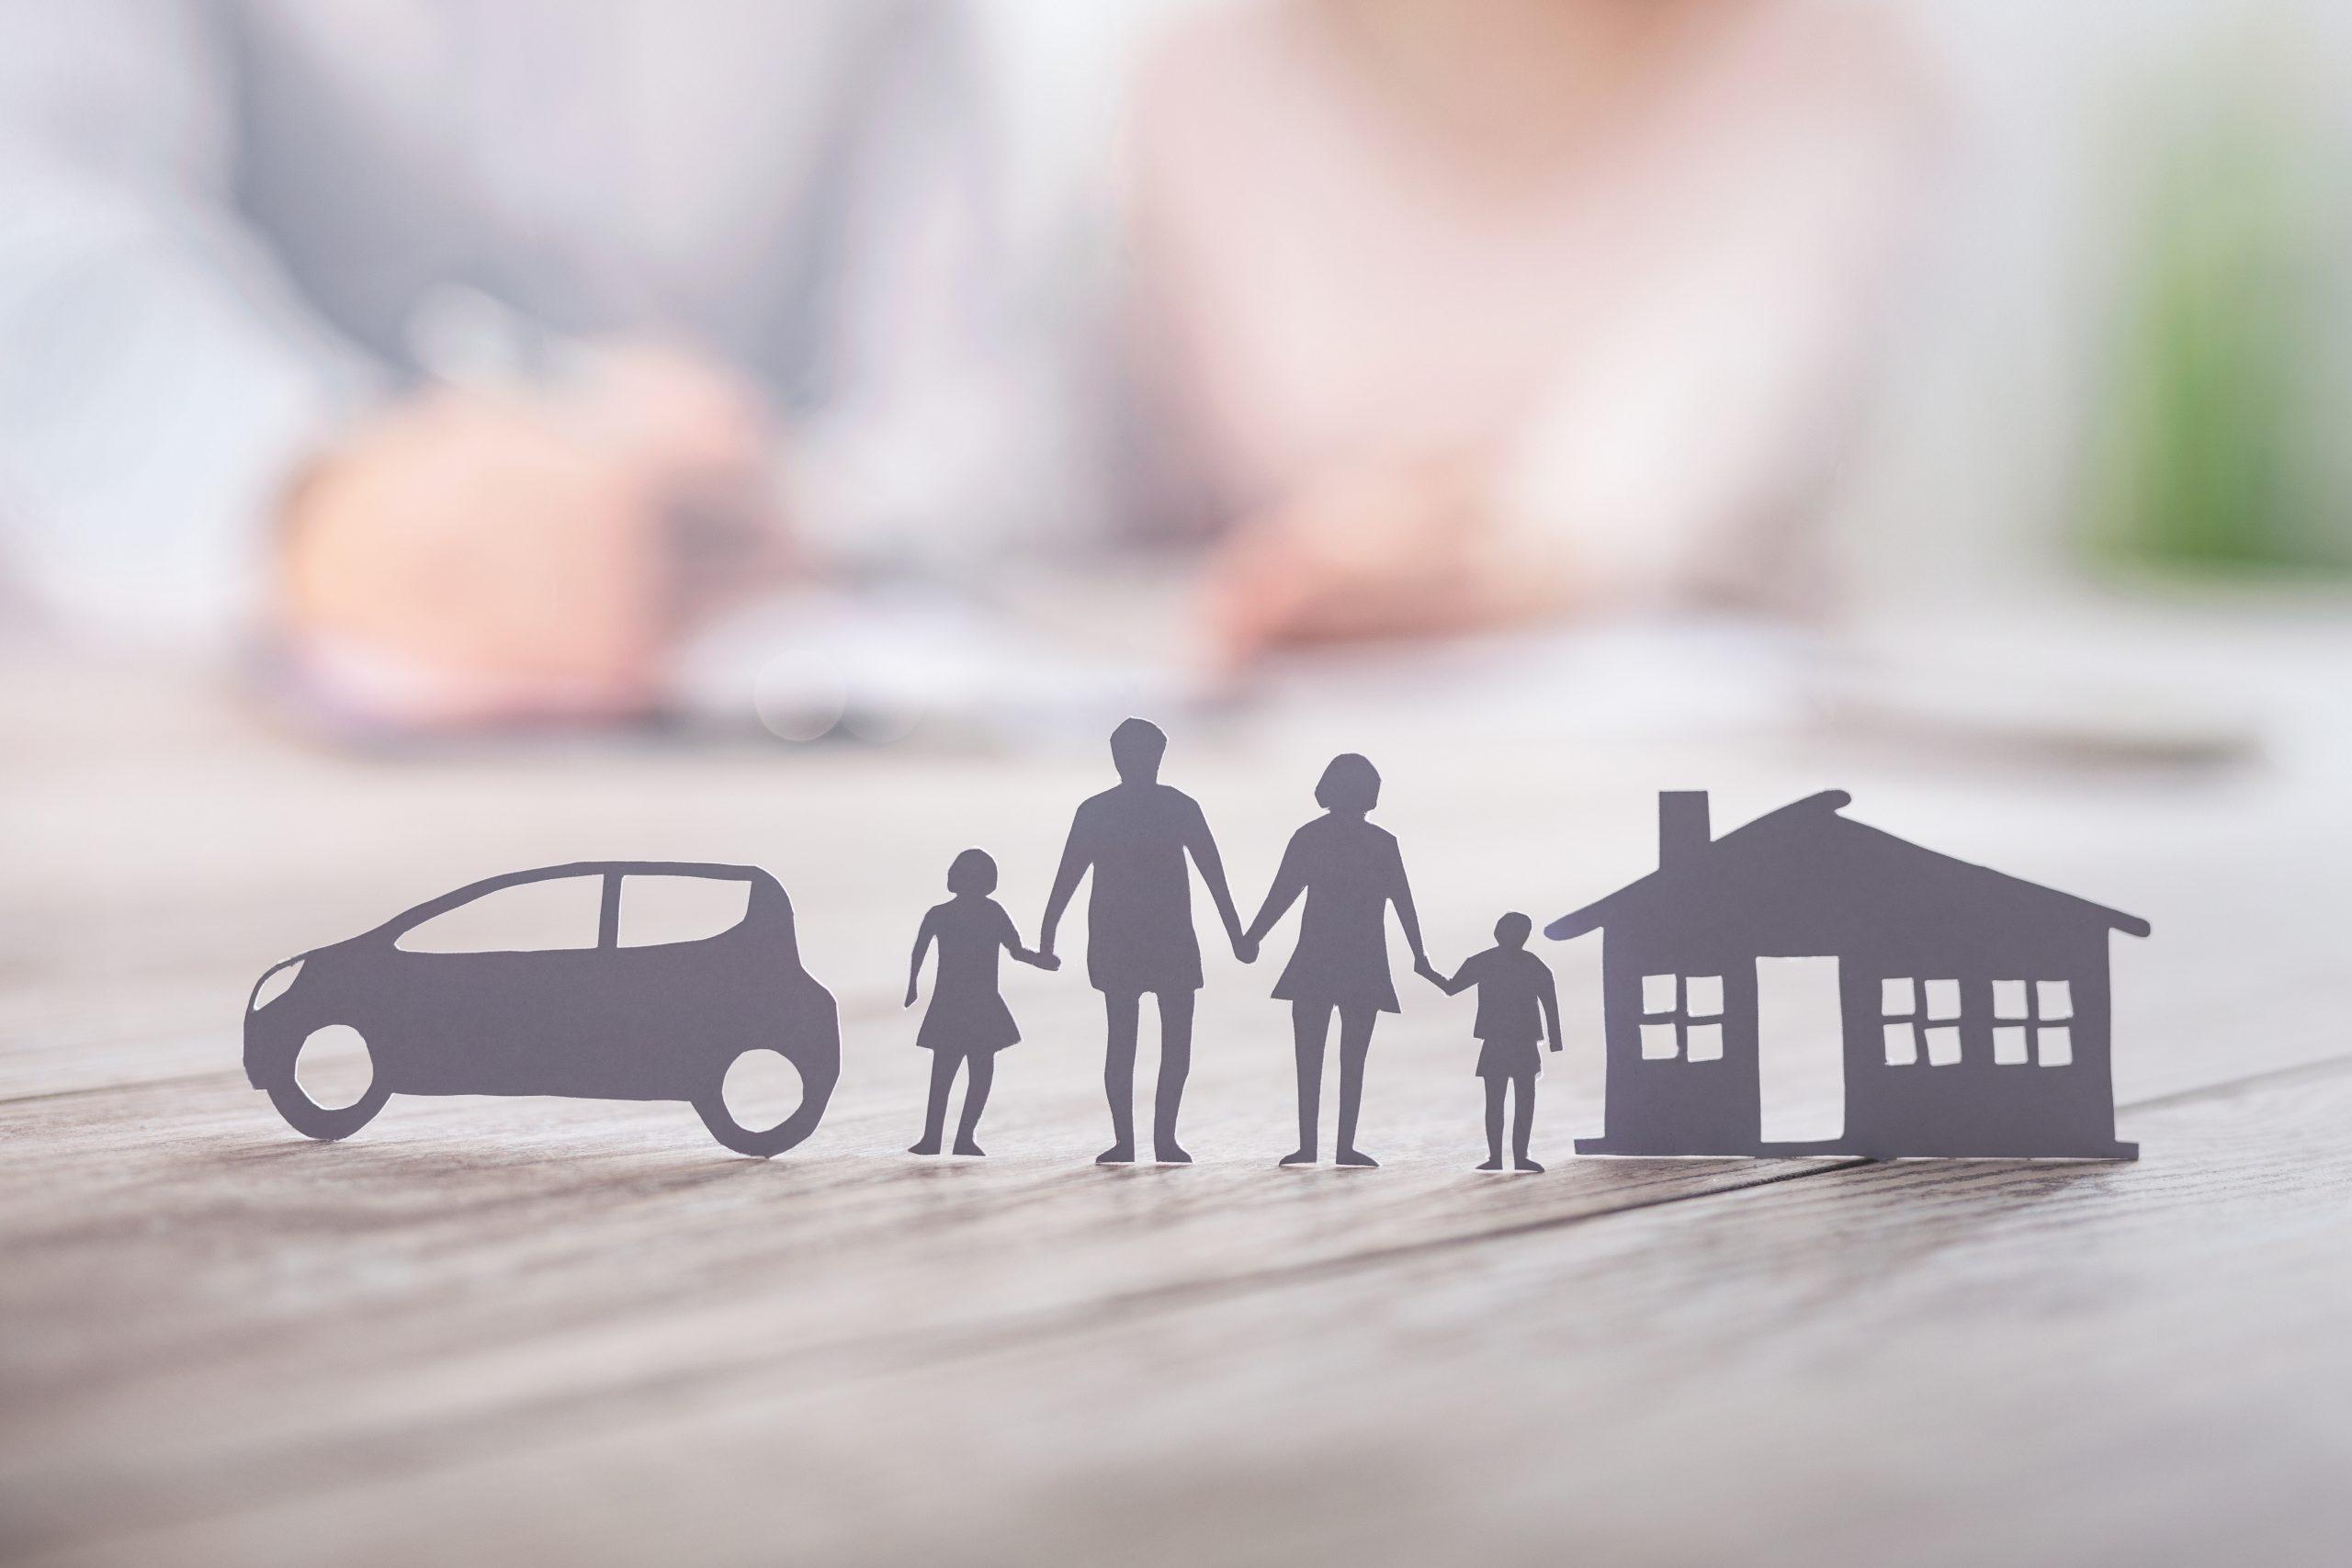 El ahorro gestionado en seguros de vida aumenta un 5% en 2019